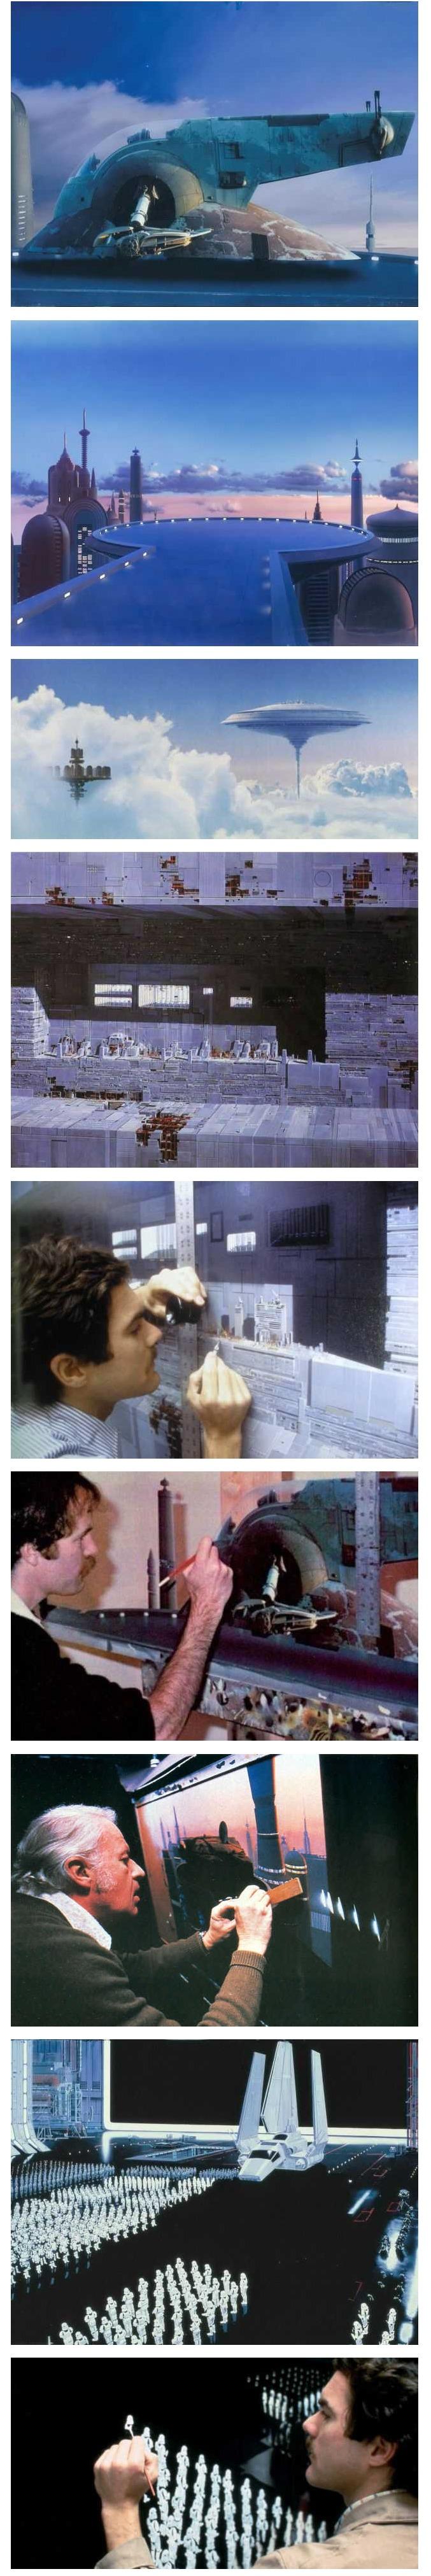 스타워즈 초기 시절의 인상적인 촬영기법